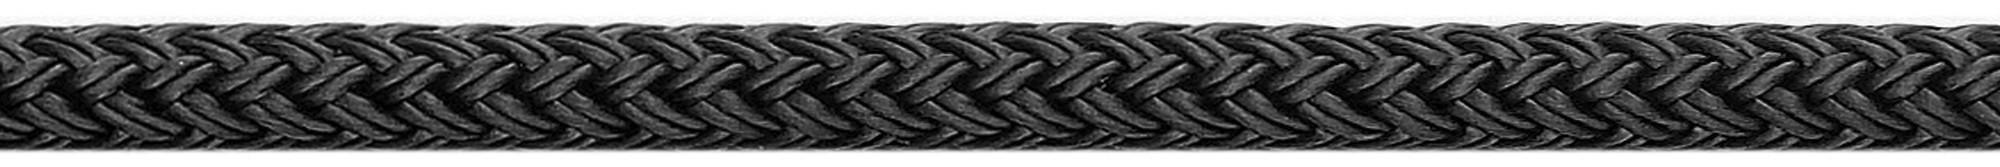 Fenderlijn deluxe polyester zwart U-rope